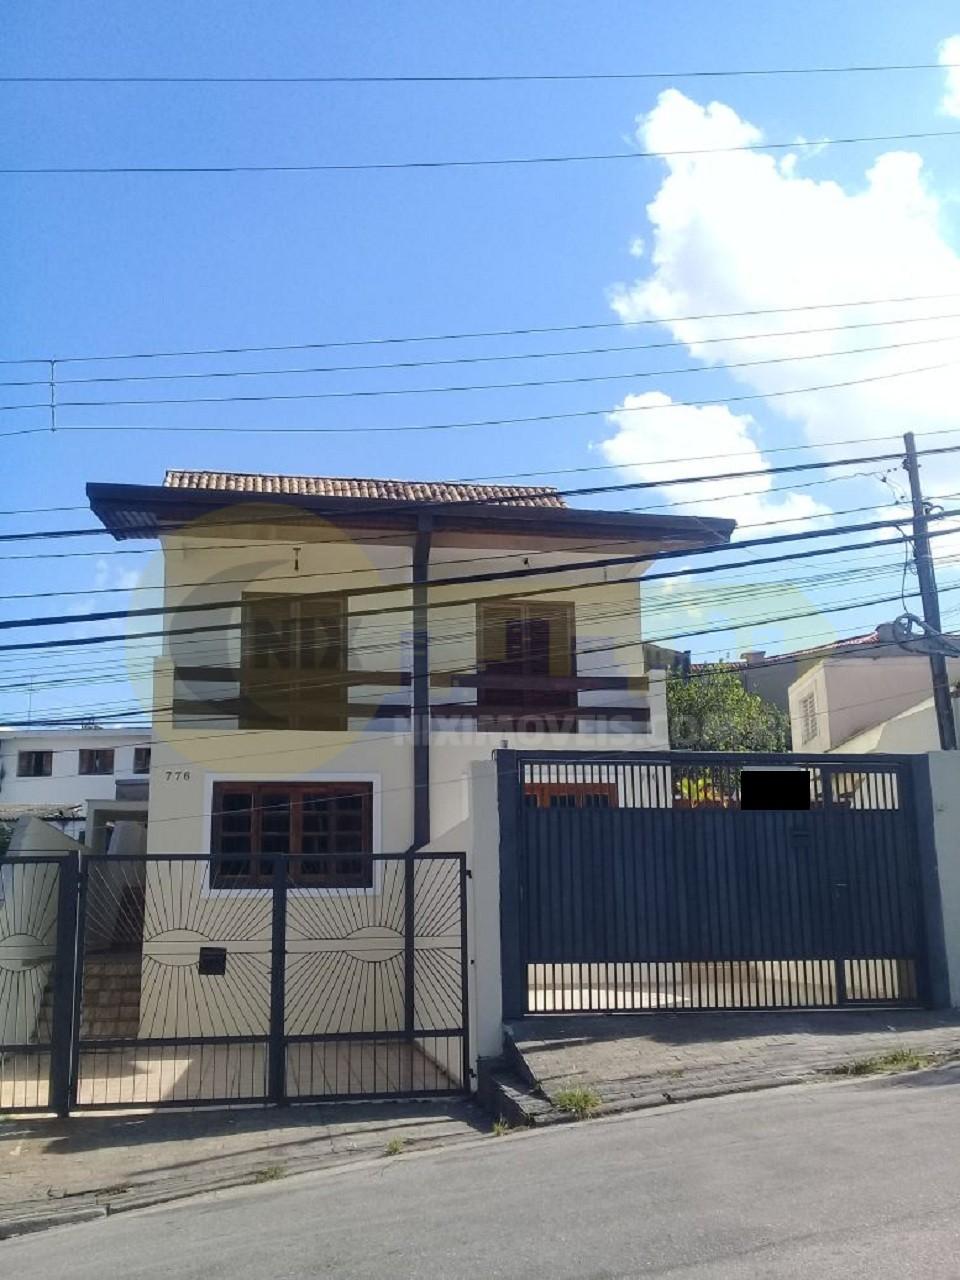 Aluguel Casa Butanta Metro Usp Proximo Linha Amarela Vila Sonia lindo imóvel triplex. Quartos grandes, varanda, vista livre, sala e quintal amplos!